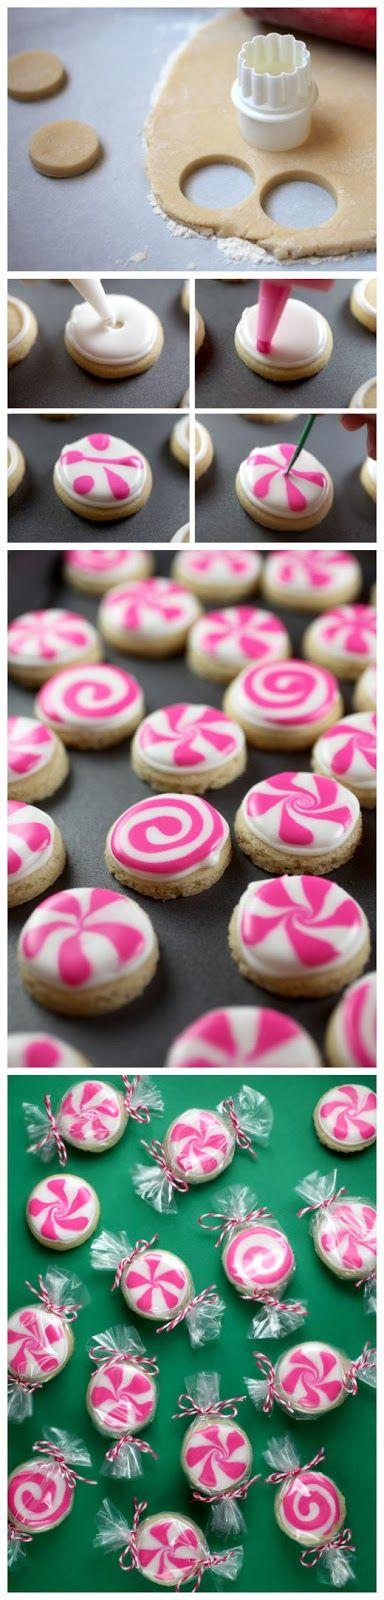 galletas pequeñas